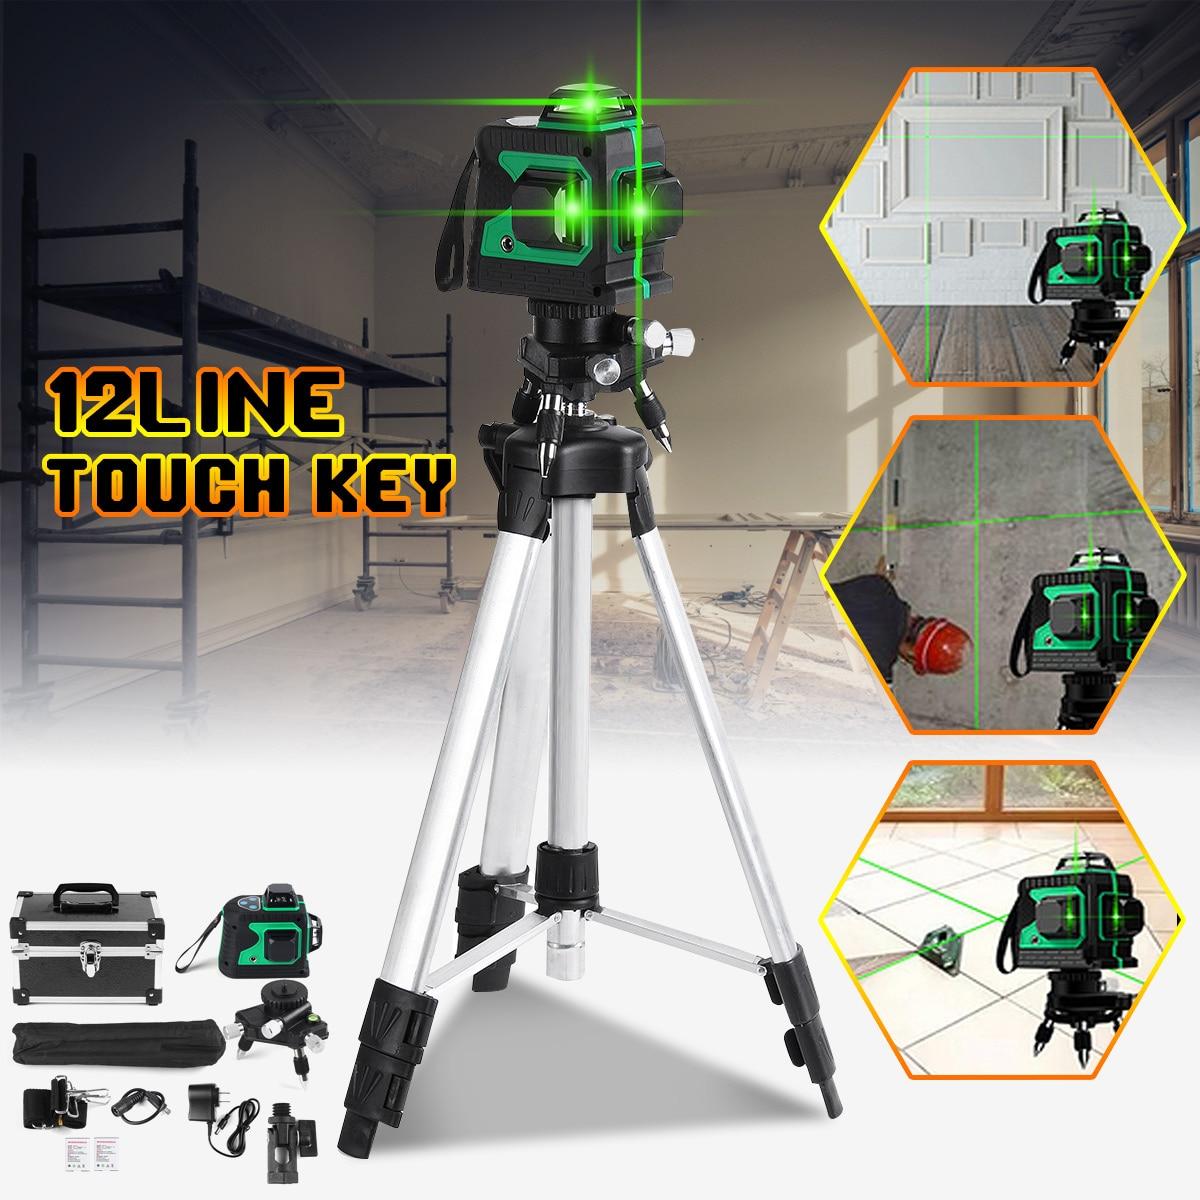 12 ligne 3D Vert Lumière Laser Niveau Auto-Nivellement Mesure 360 Horizontal Vertical Croix Super Puissant Laser Faisceau w /Trépied